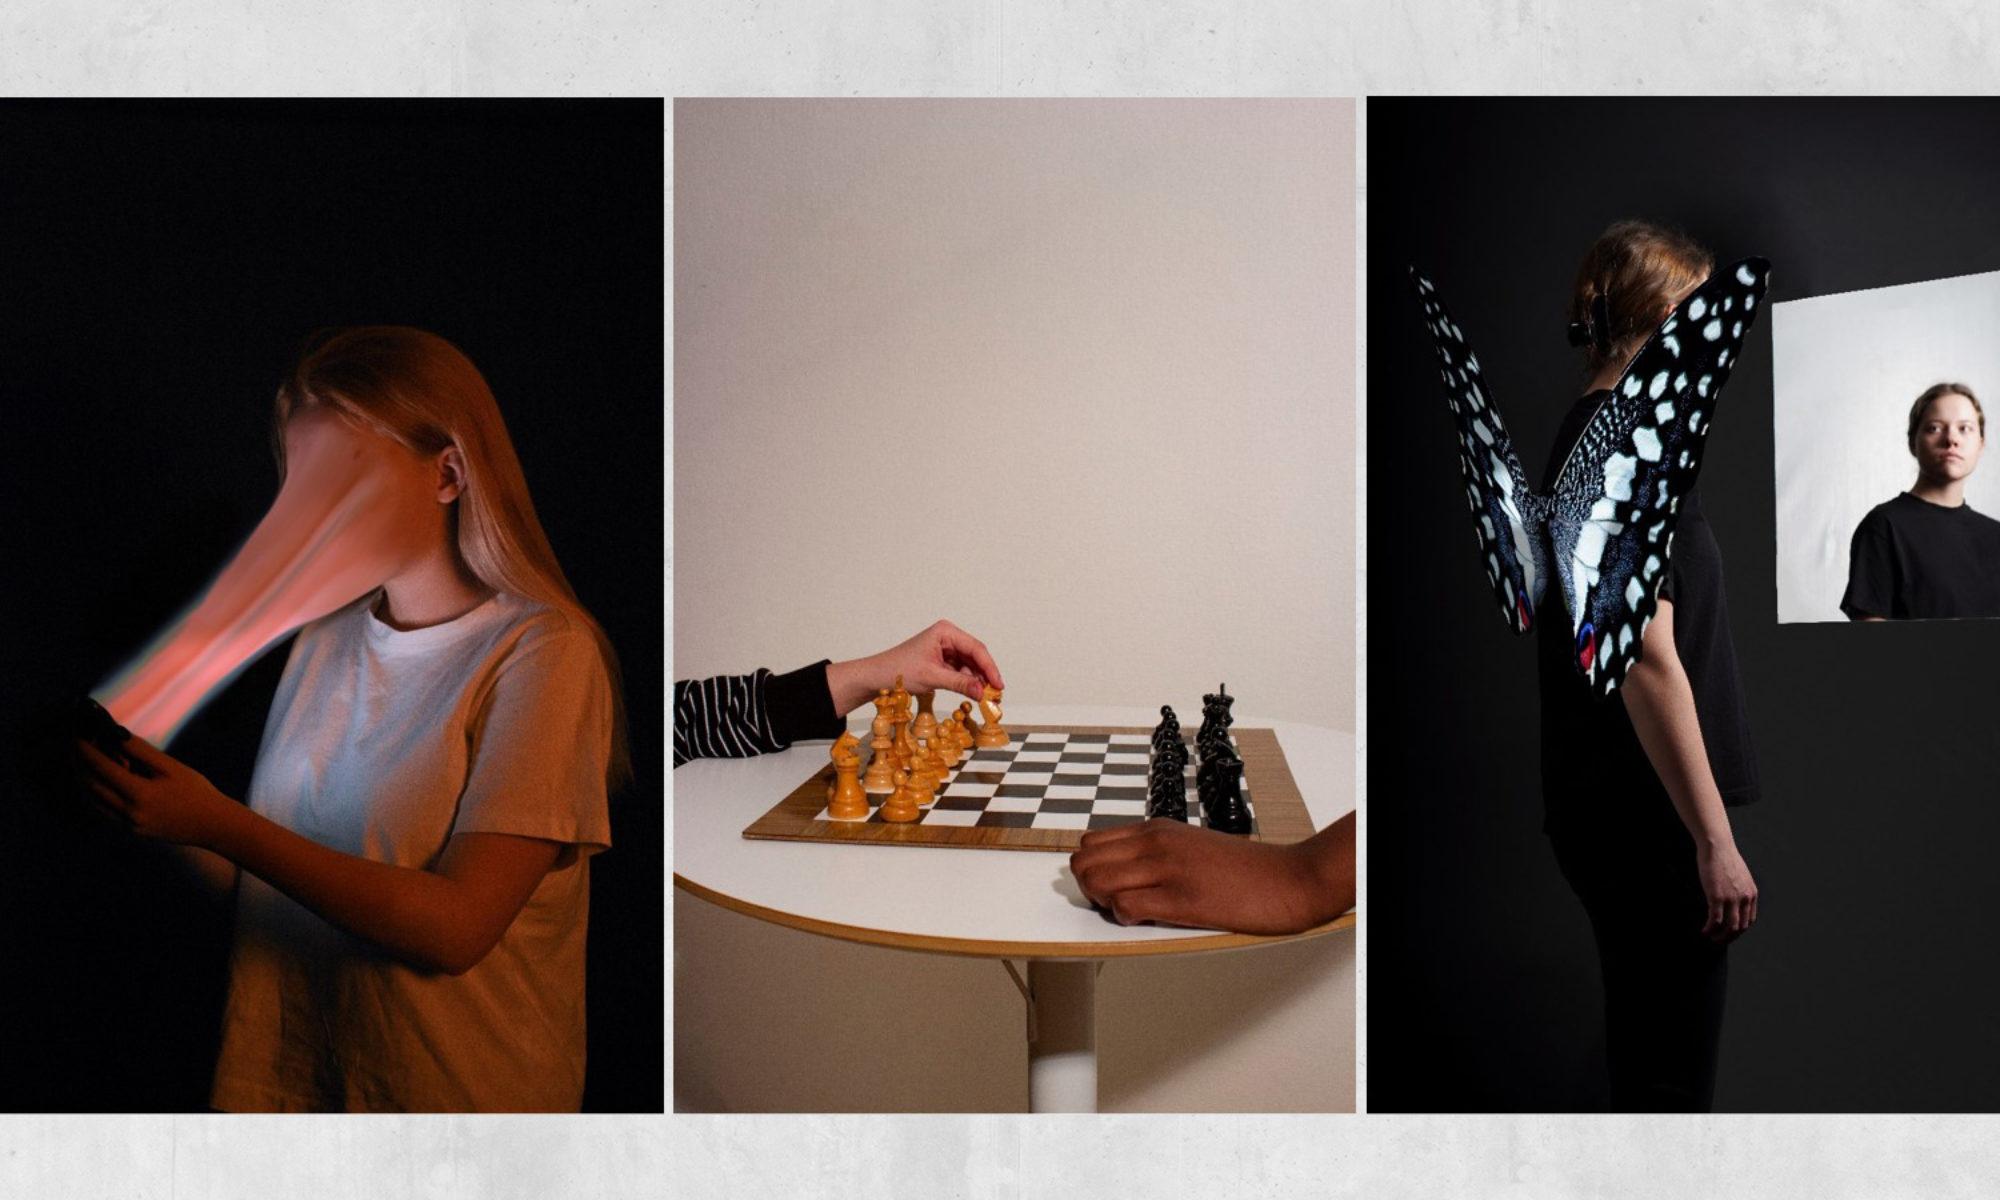 Tre foton: Det första visar ett ansikte som blir uppslukat av en skärm, det andra två händer med olika hudfärg vid ett schackbräde och den tredje en tjej med fjärilsvingar på ryggen framför en spegel.